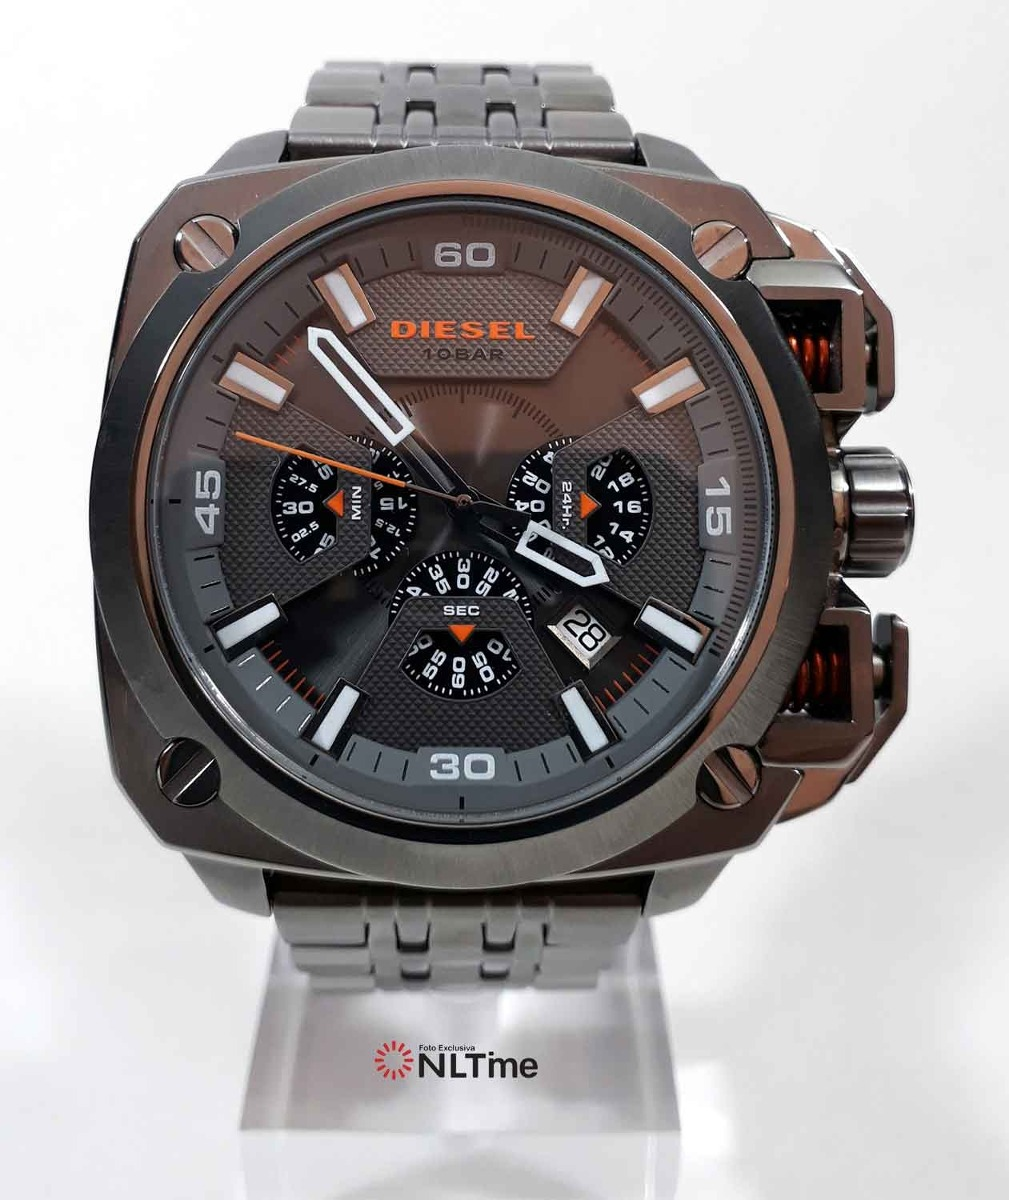 9953e8e4950 relógio diesel bamf cronógrafo dz7344  gunmetal. Carregando zoom.